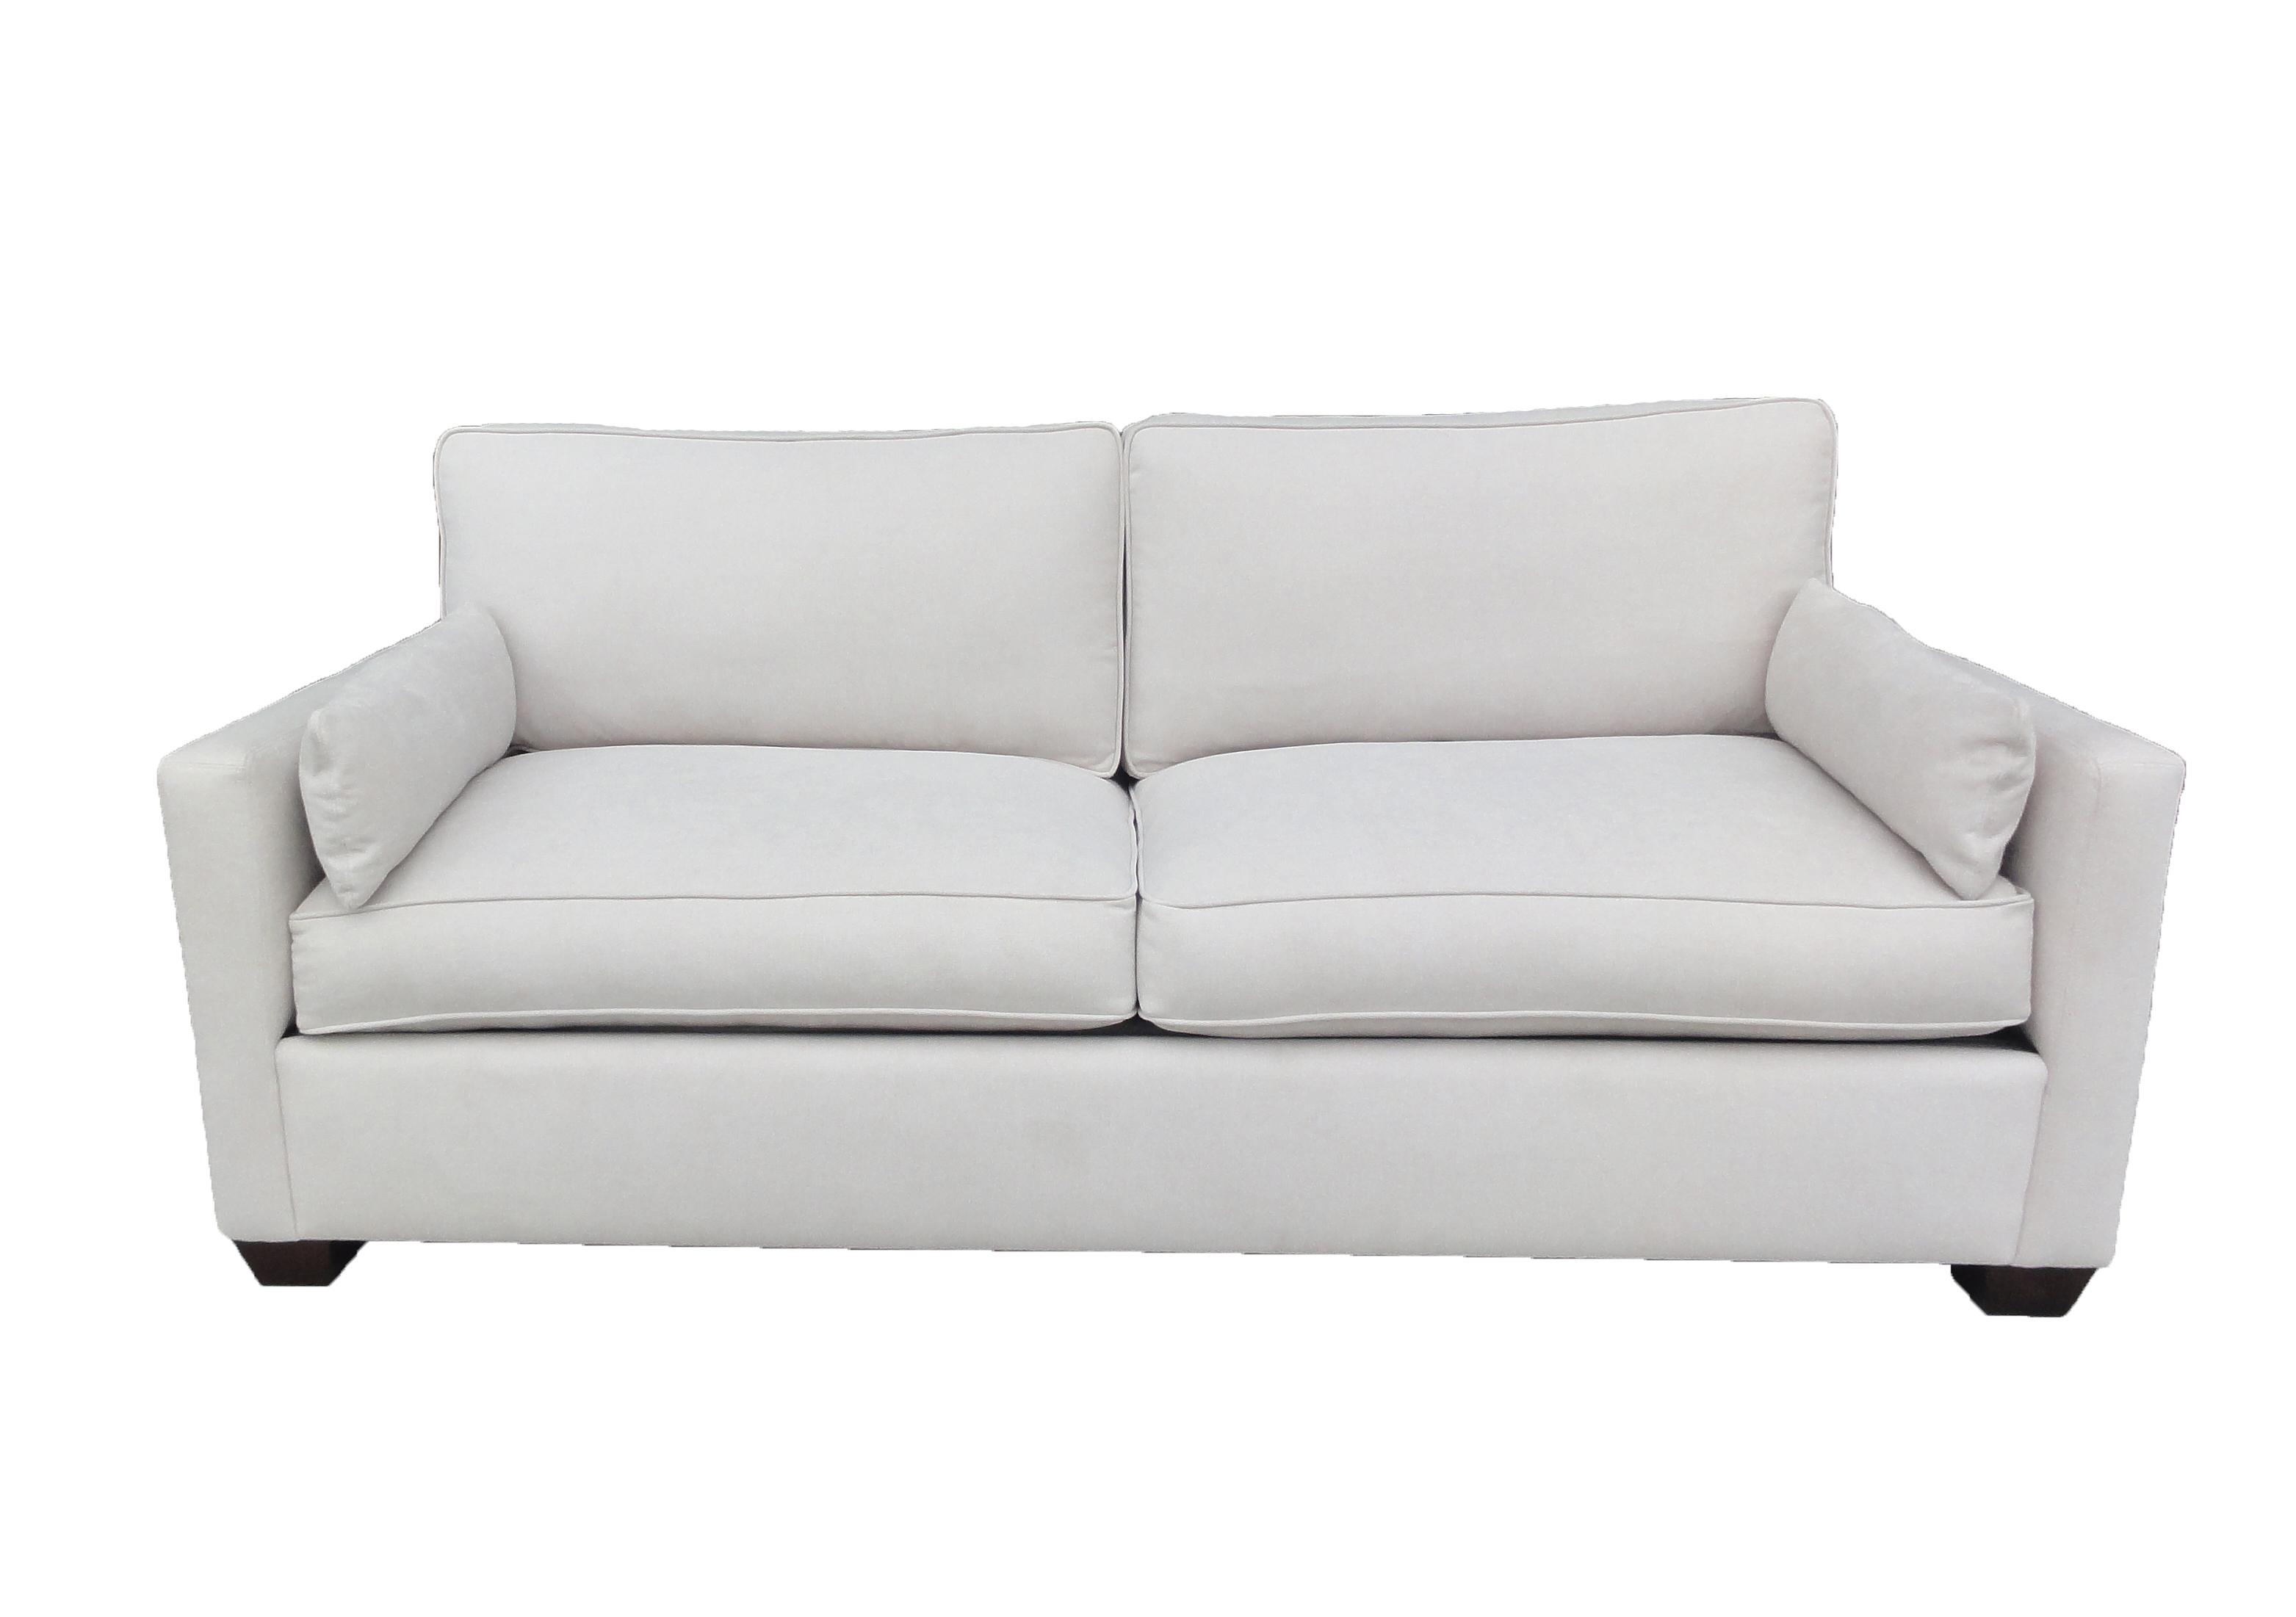 adore sleeper sofa santa barbara design center 33276-